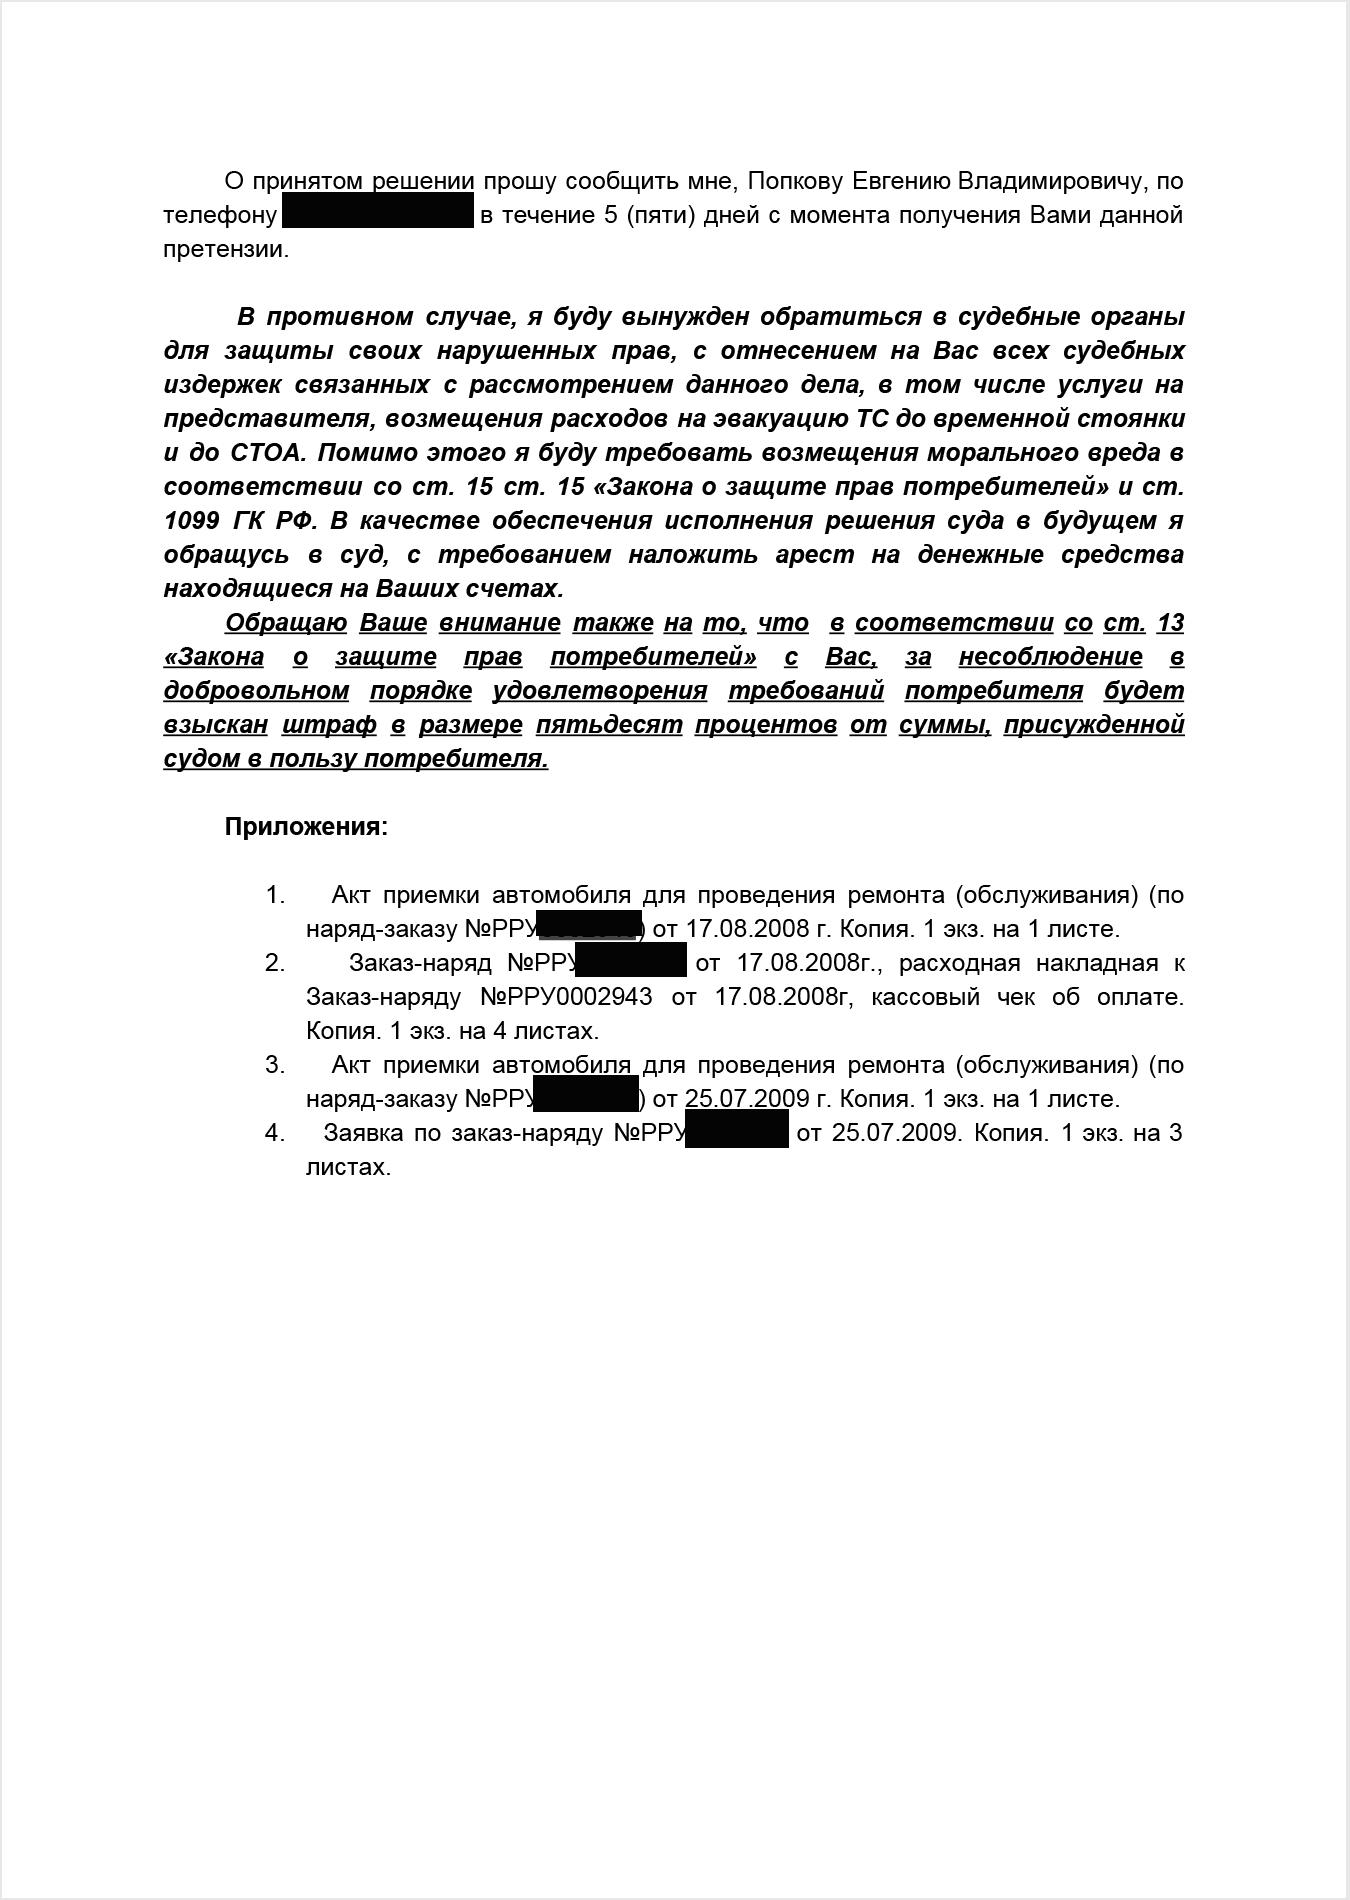 Гражданский кодекс рф статья 169